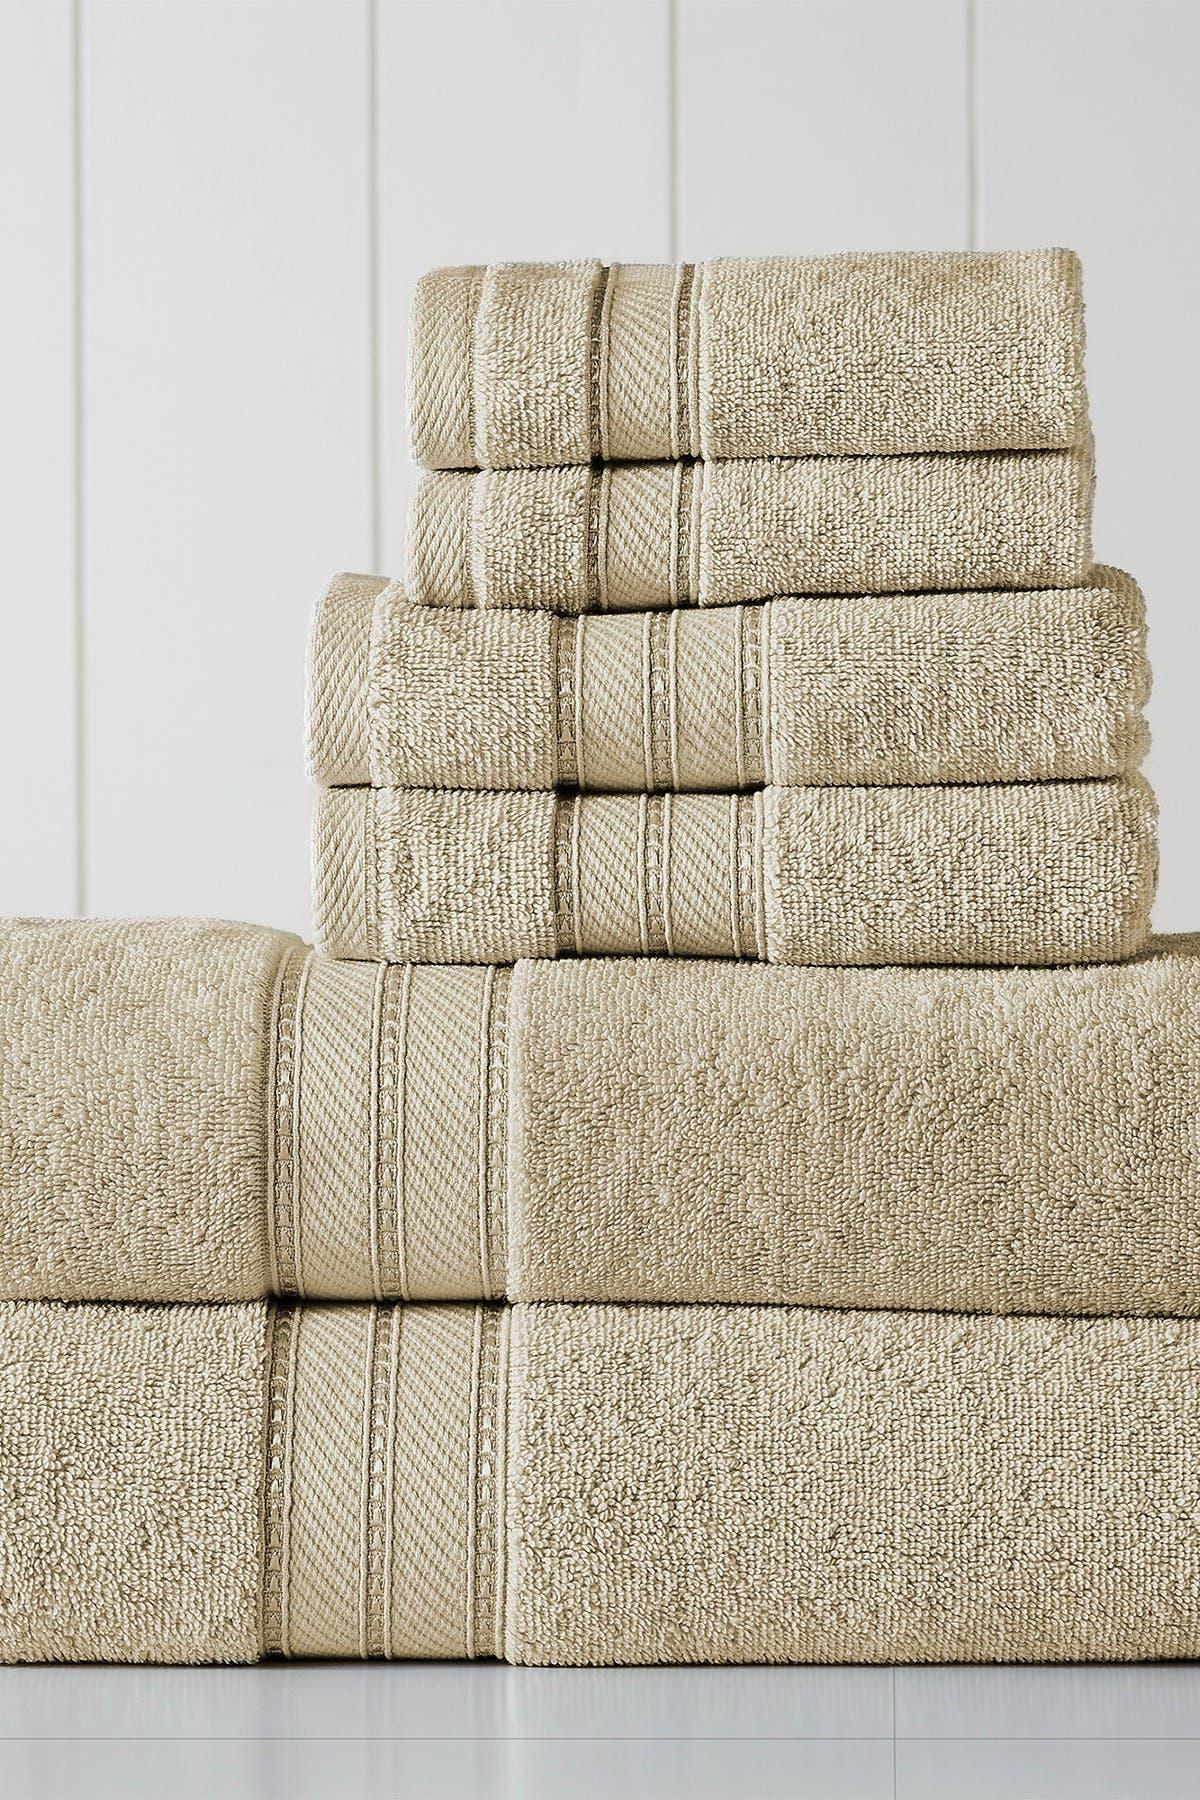 Image of Modern Threads SpunLoft 6-Piece Towel Set - Sand